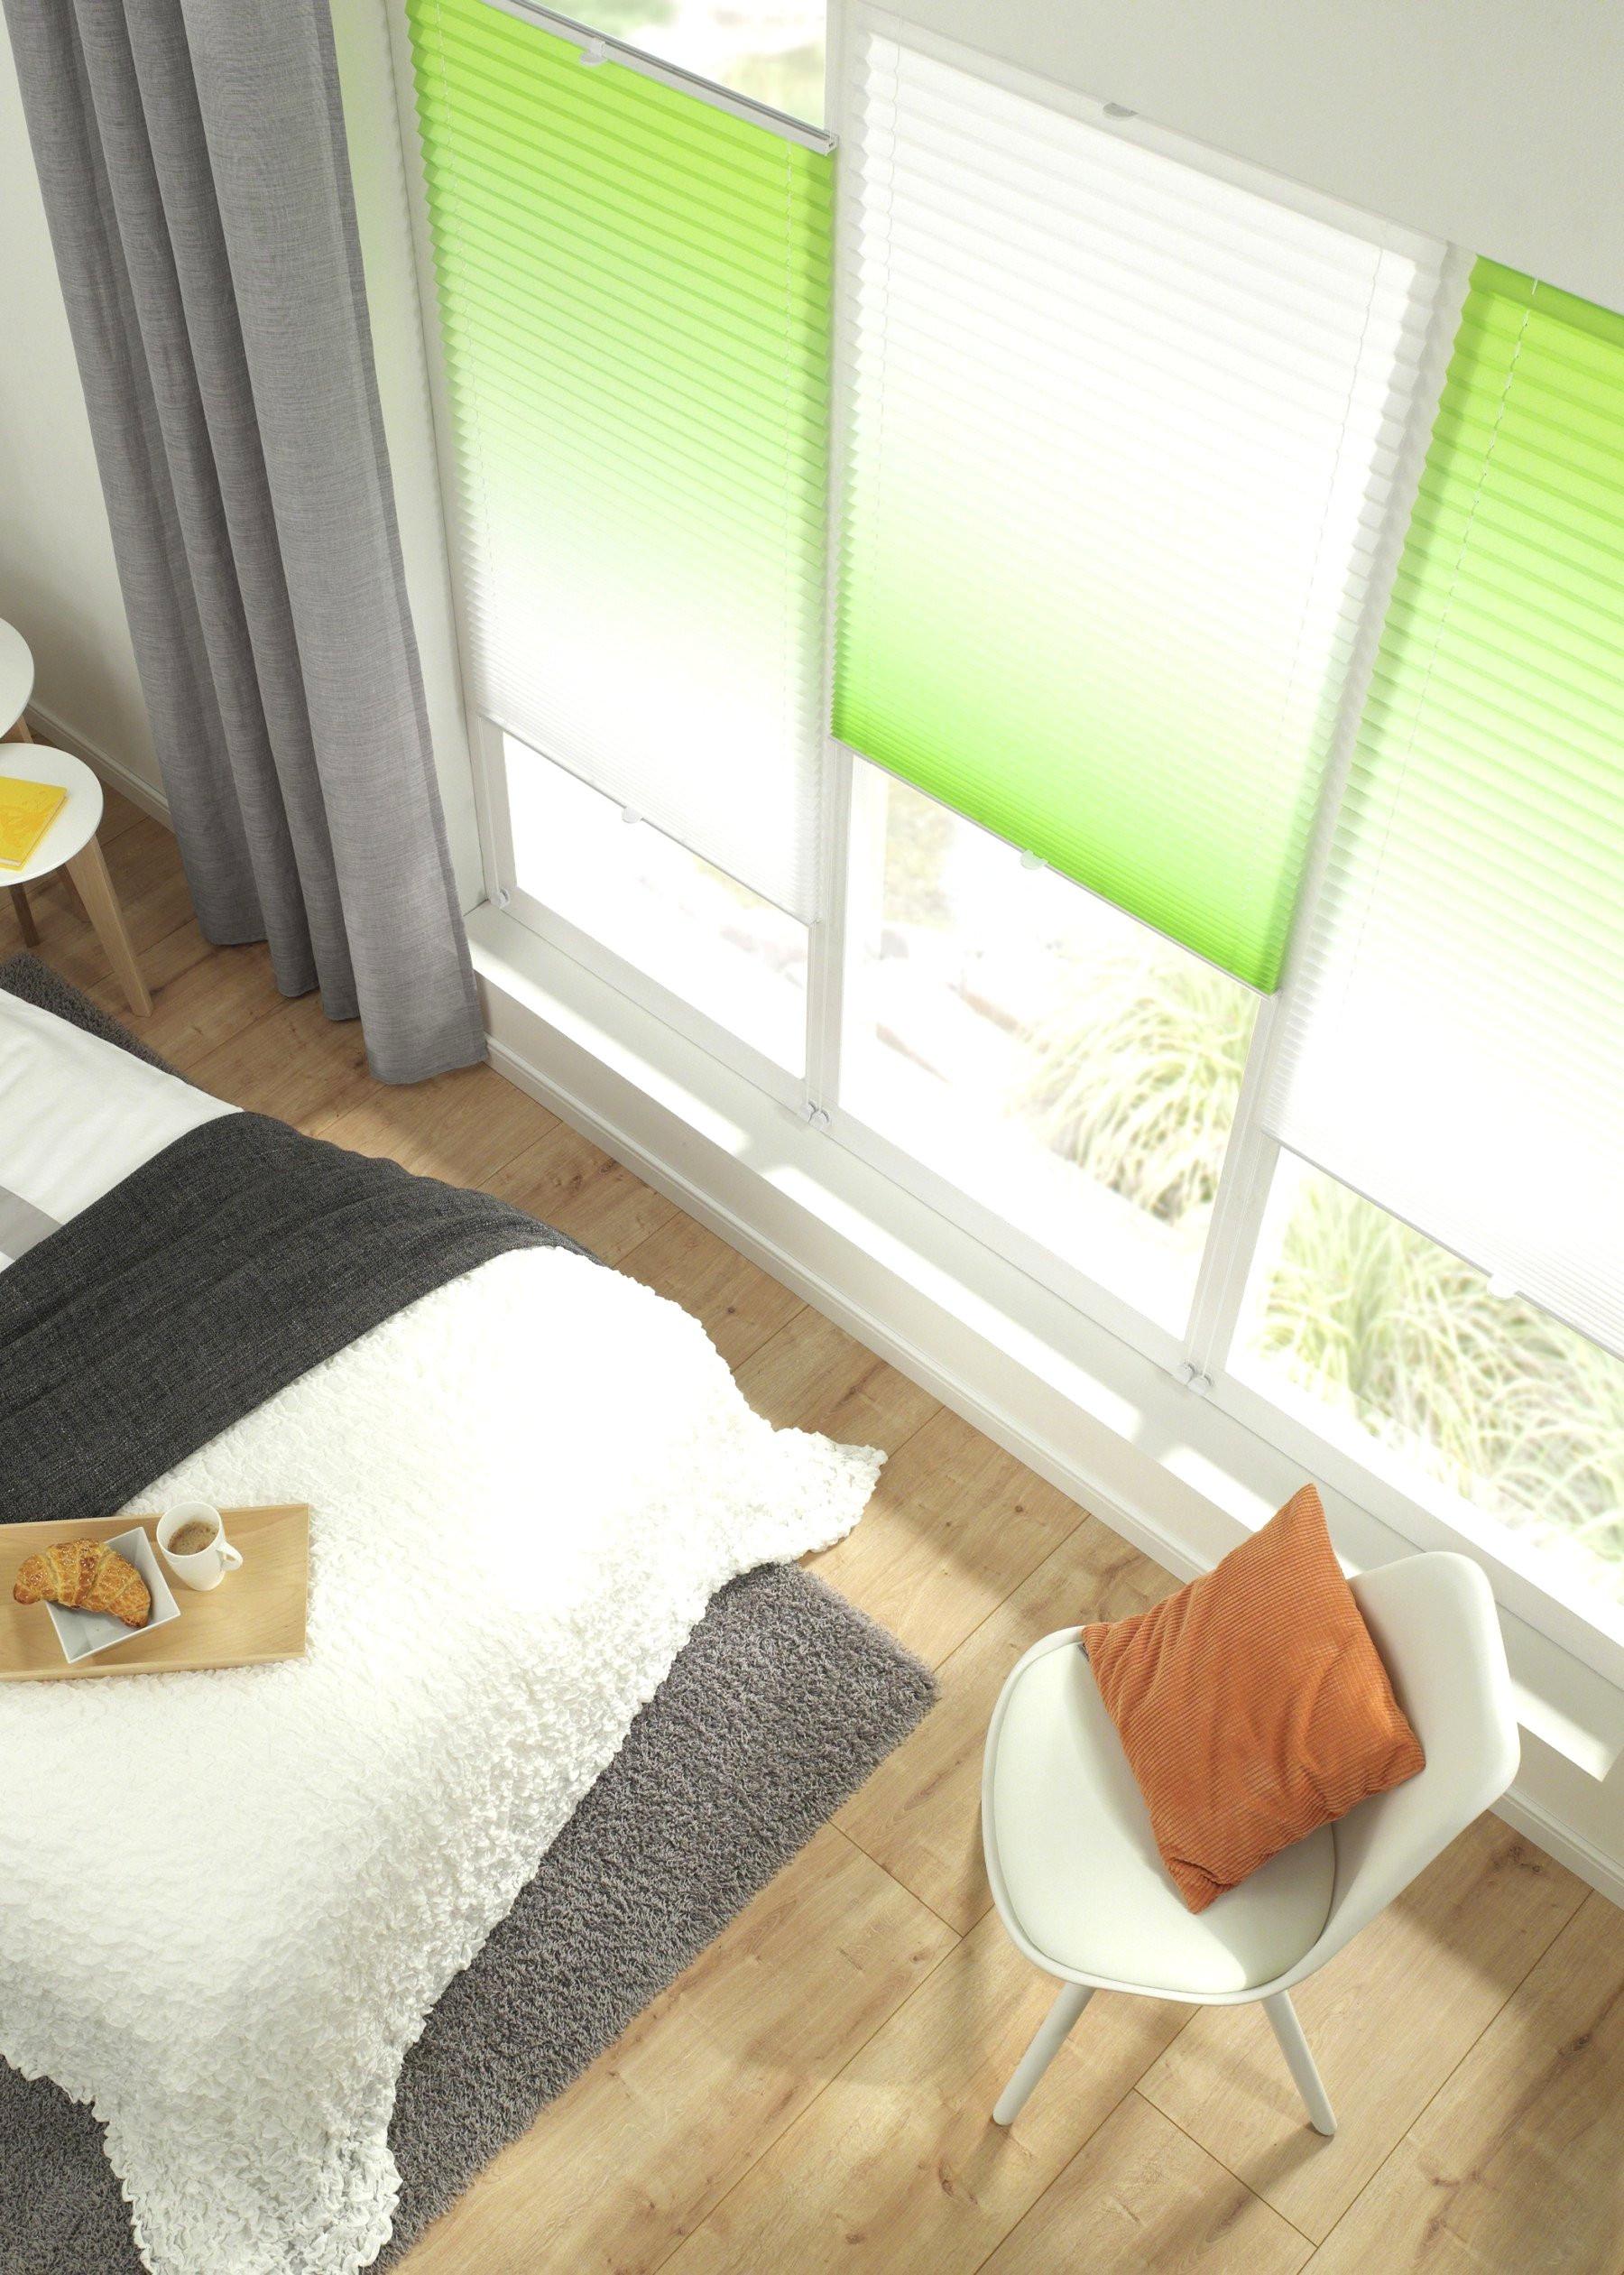 wohnzimmer fenster gardinen neu plissee wohnzimmer 0d design ideen planen ktxr of fensterfolie wohnzimmer